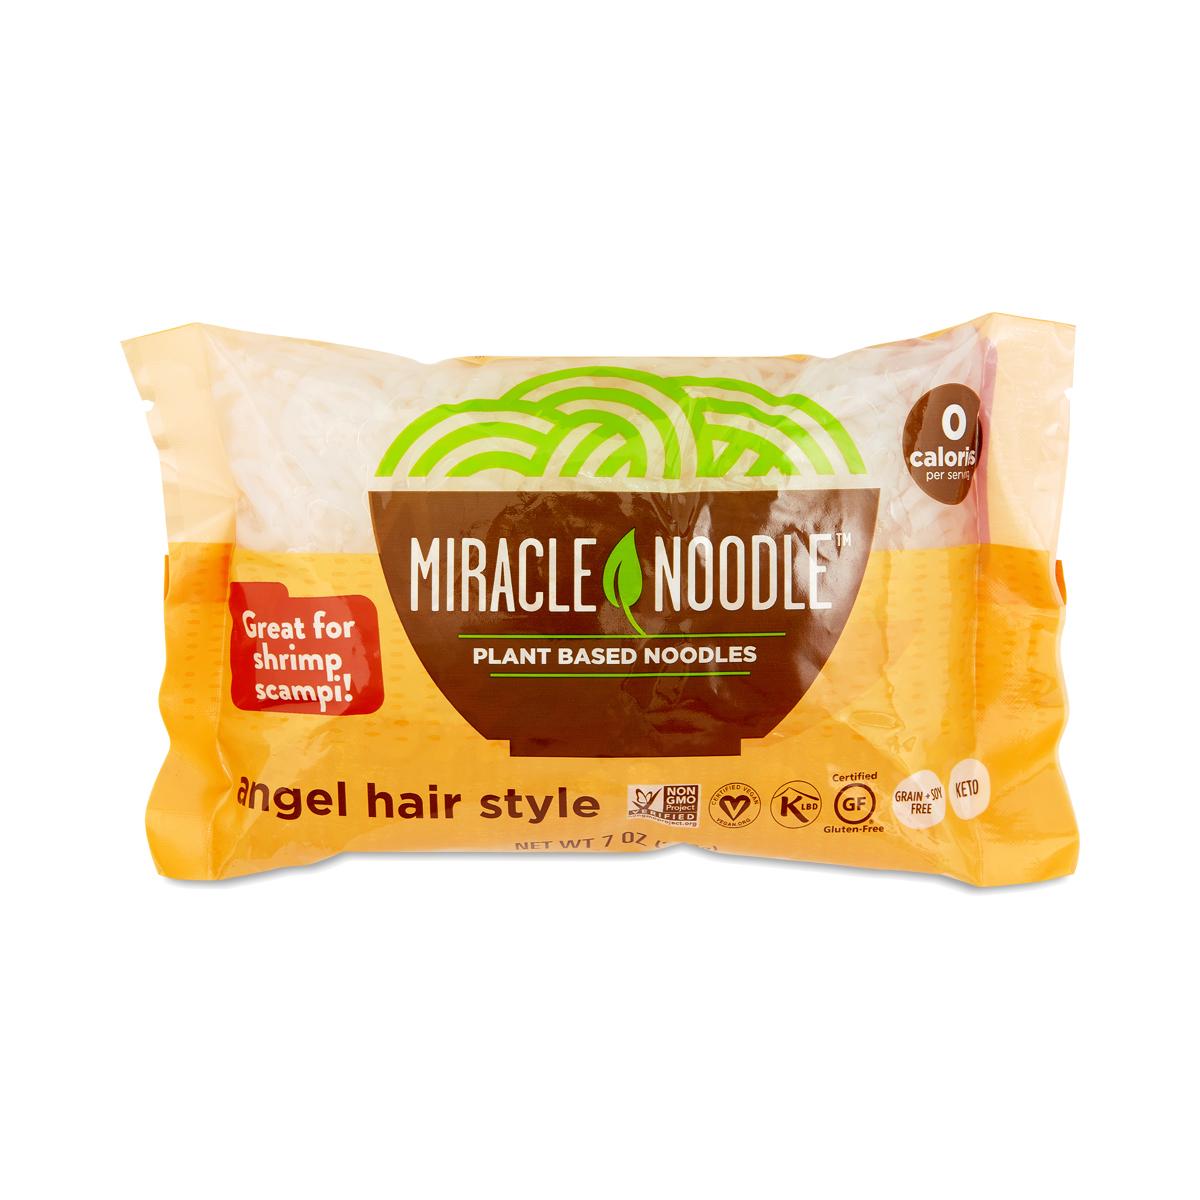 Miracle Noodle Angel Hair Shirataki Noodles 7 oz pouch